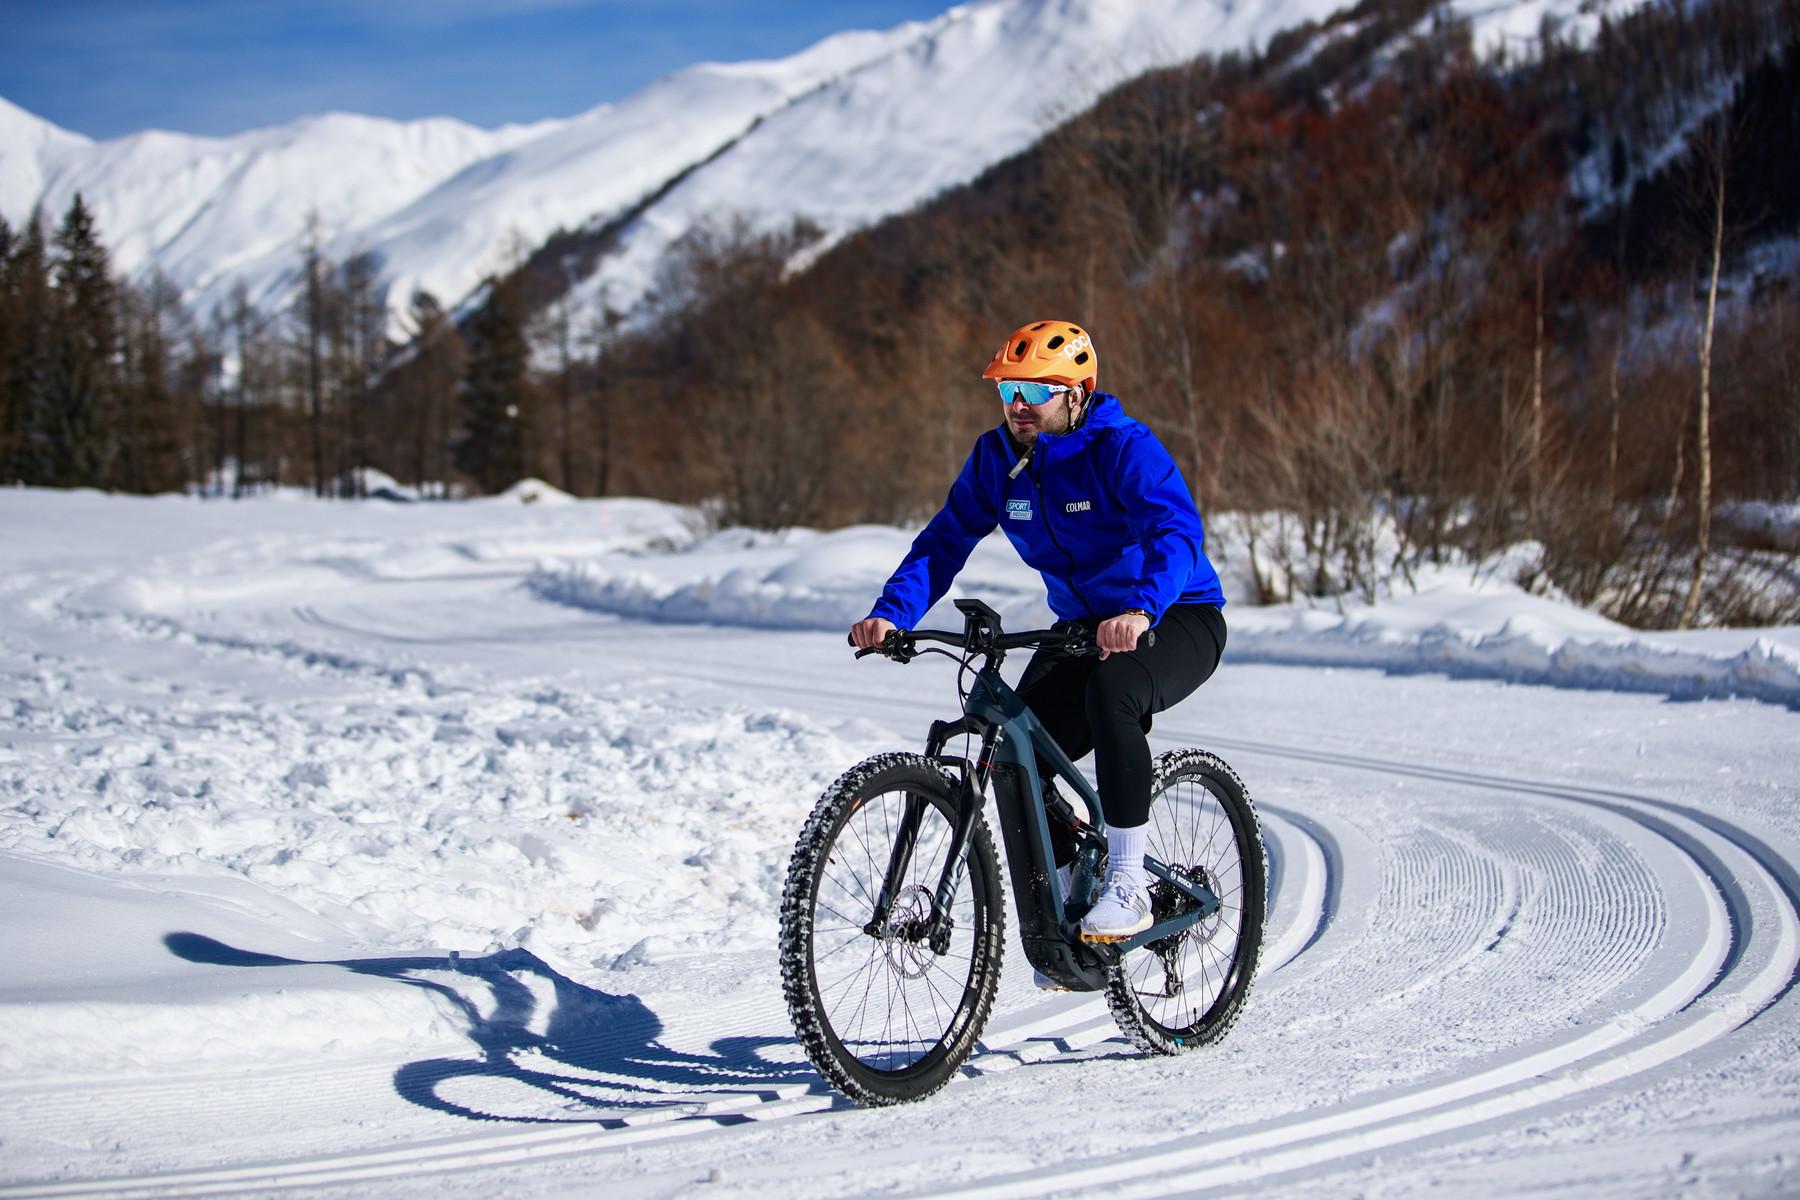 Una giornata in sella a una eMTB motorizzata Bosch tra le montagne della Valle d&#39;Aosta. Foto di Luca Riva<br /><br />